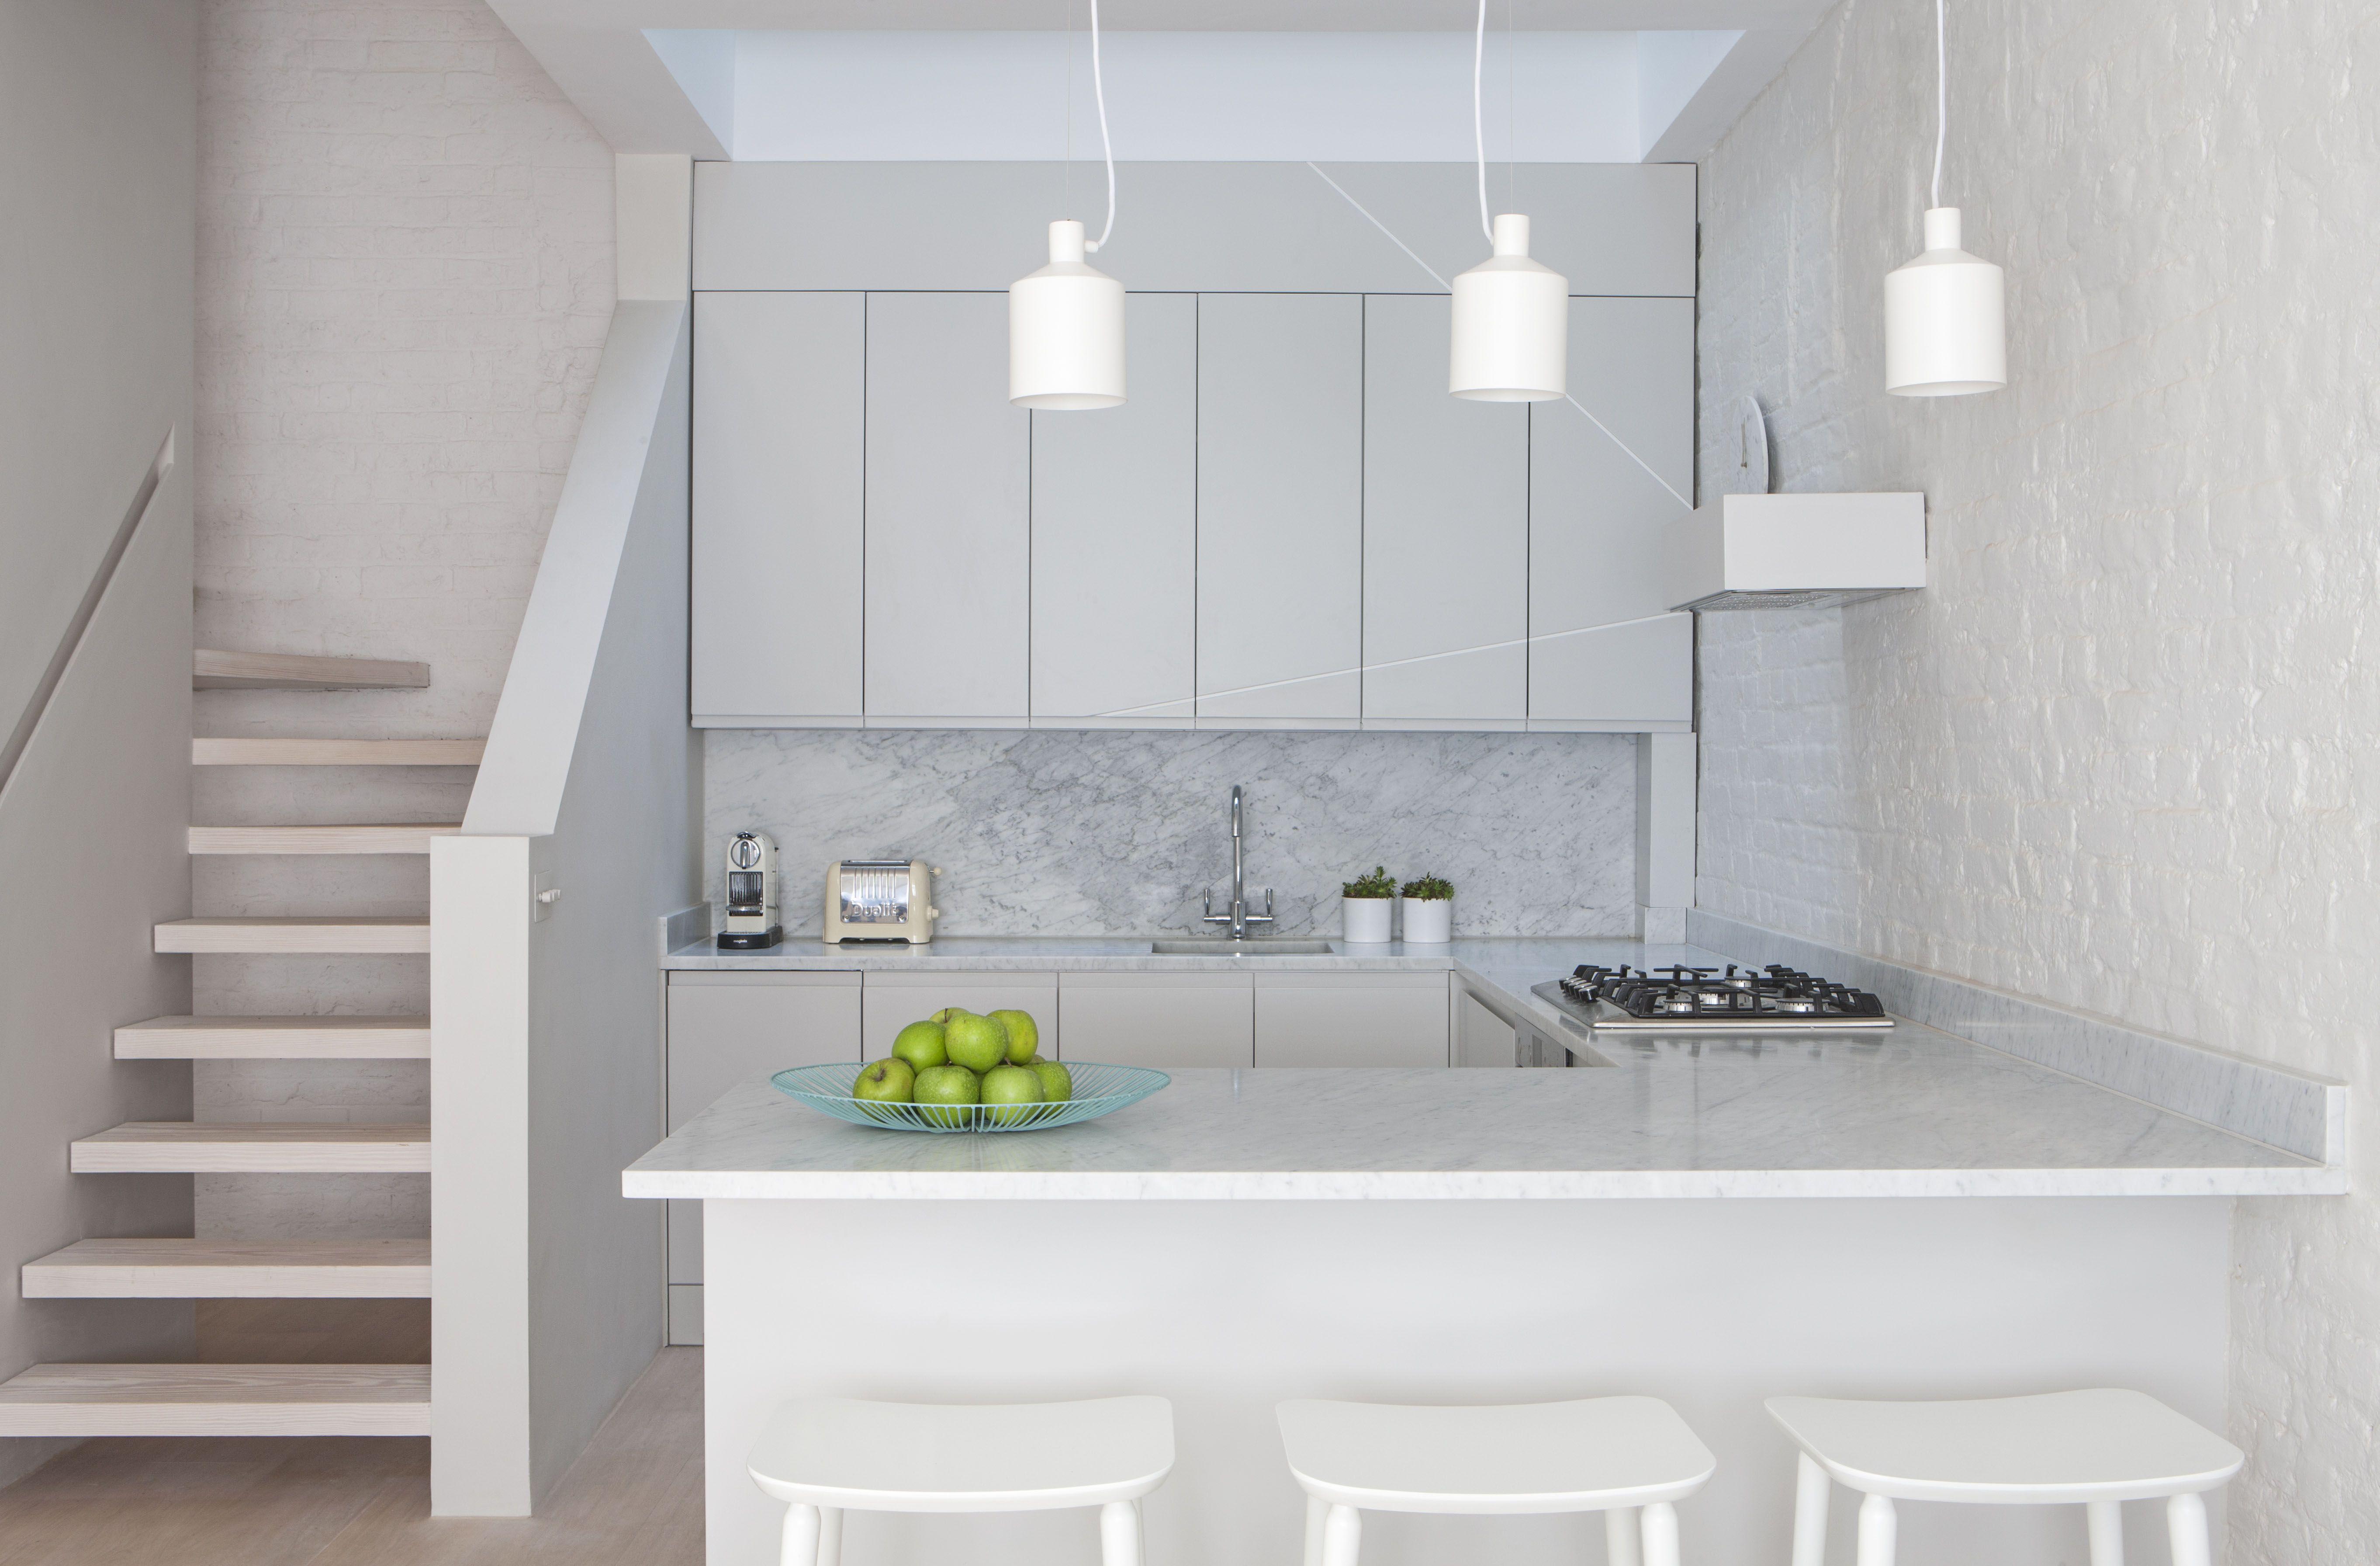 Encantador A Medida Muebles De Cocina Londres Modelo - Ideas de ...